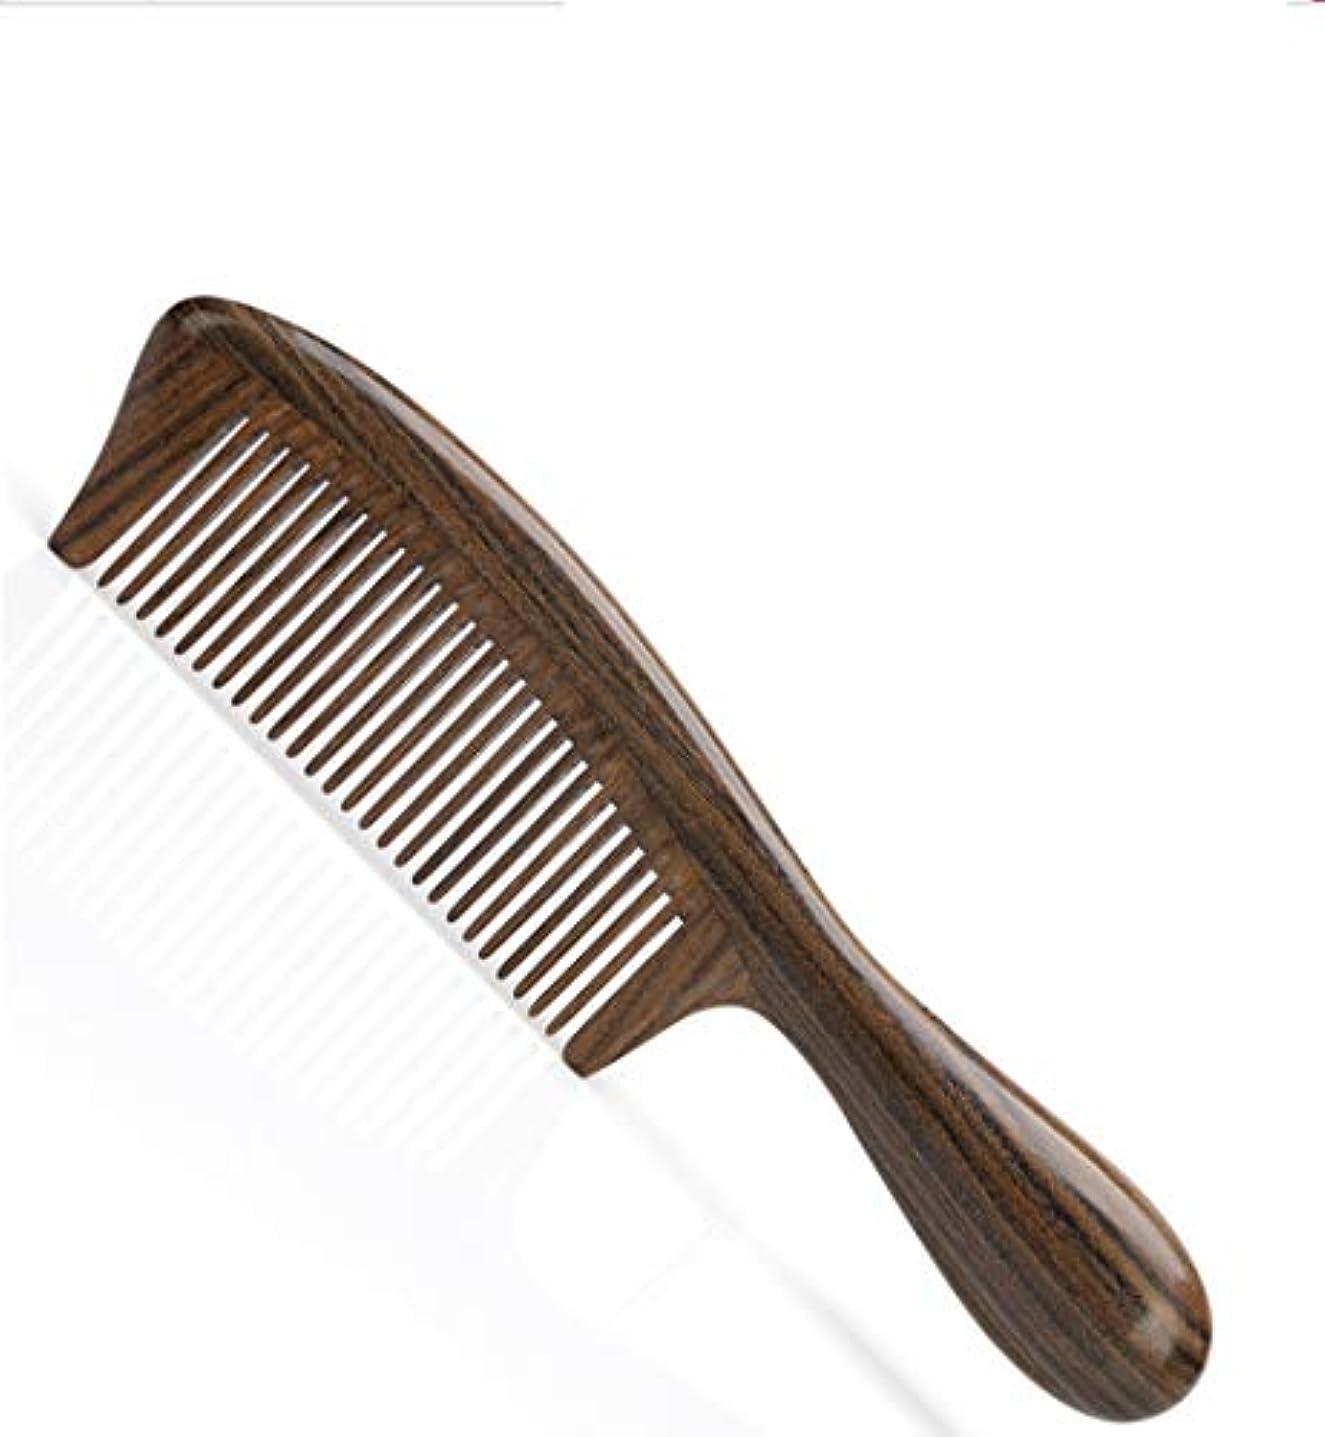 馬力機関いらいらさせる新しい携帯用小型帯電防止短い髪、巻き毛の広い歯の櫛黒檀 ヘアケア (色 : ブラウン)